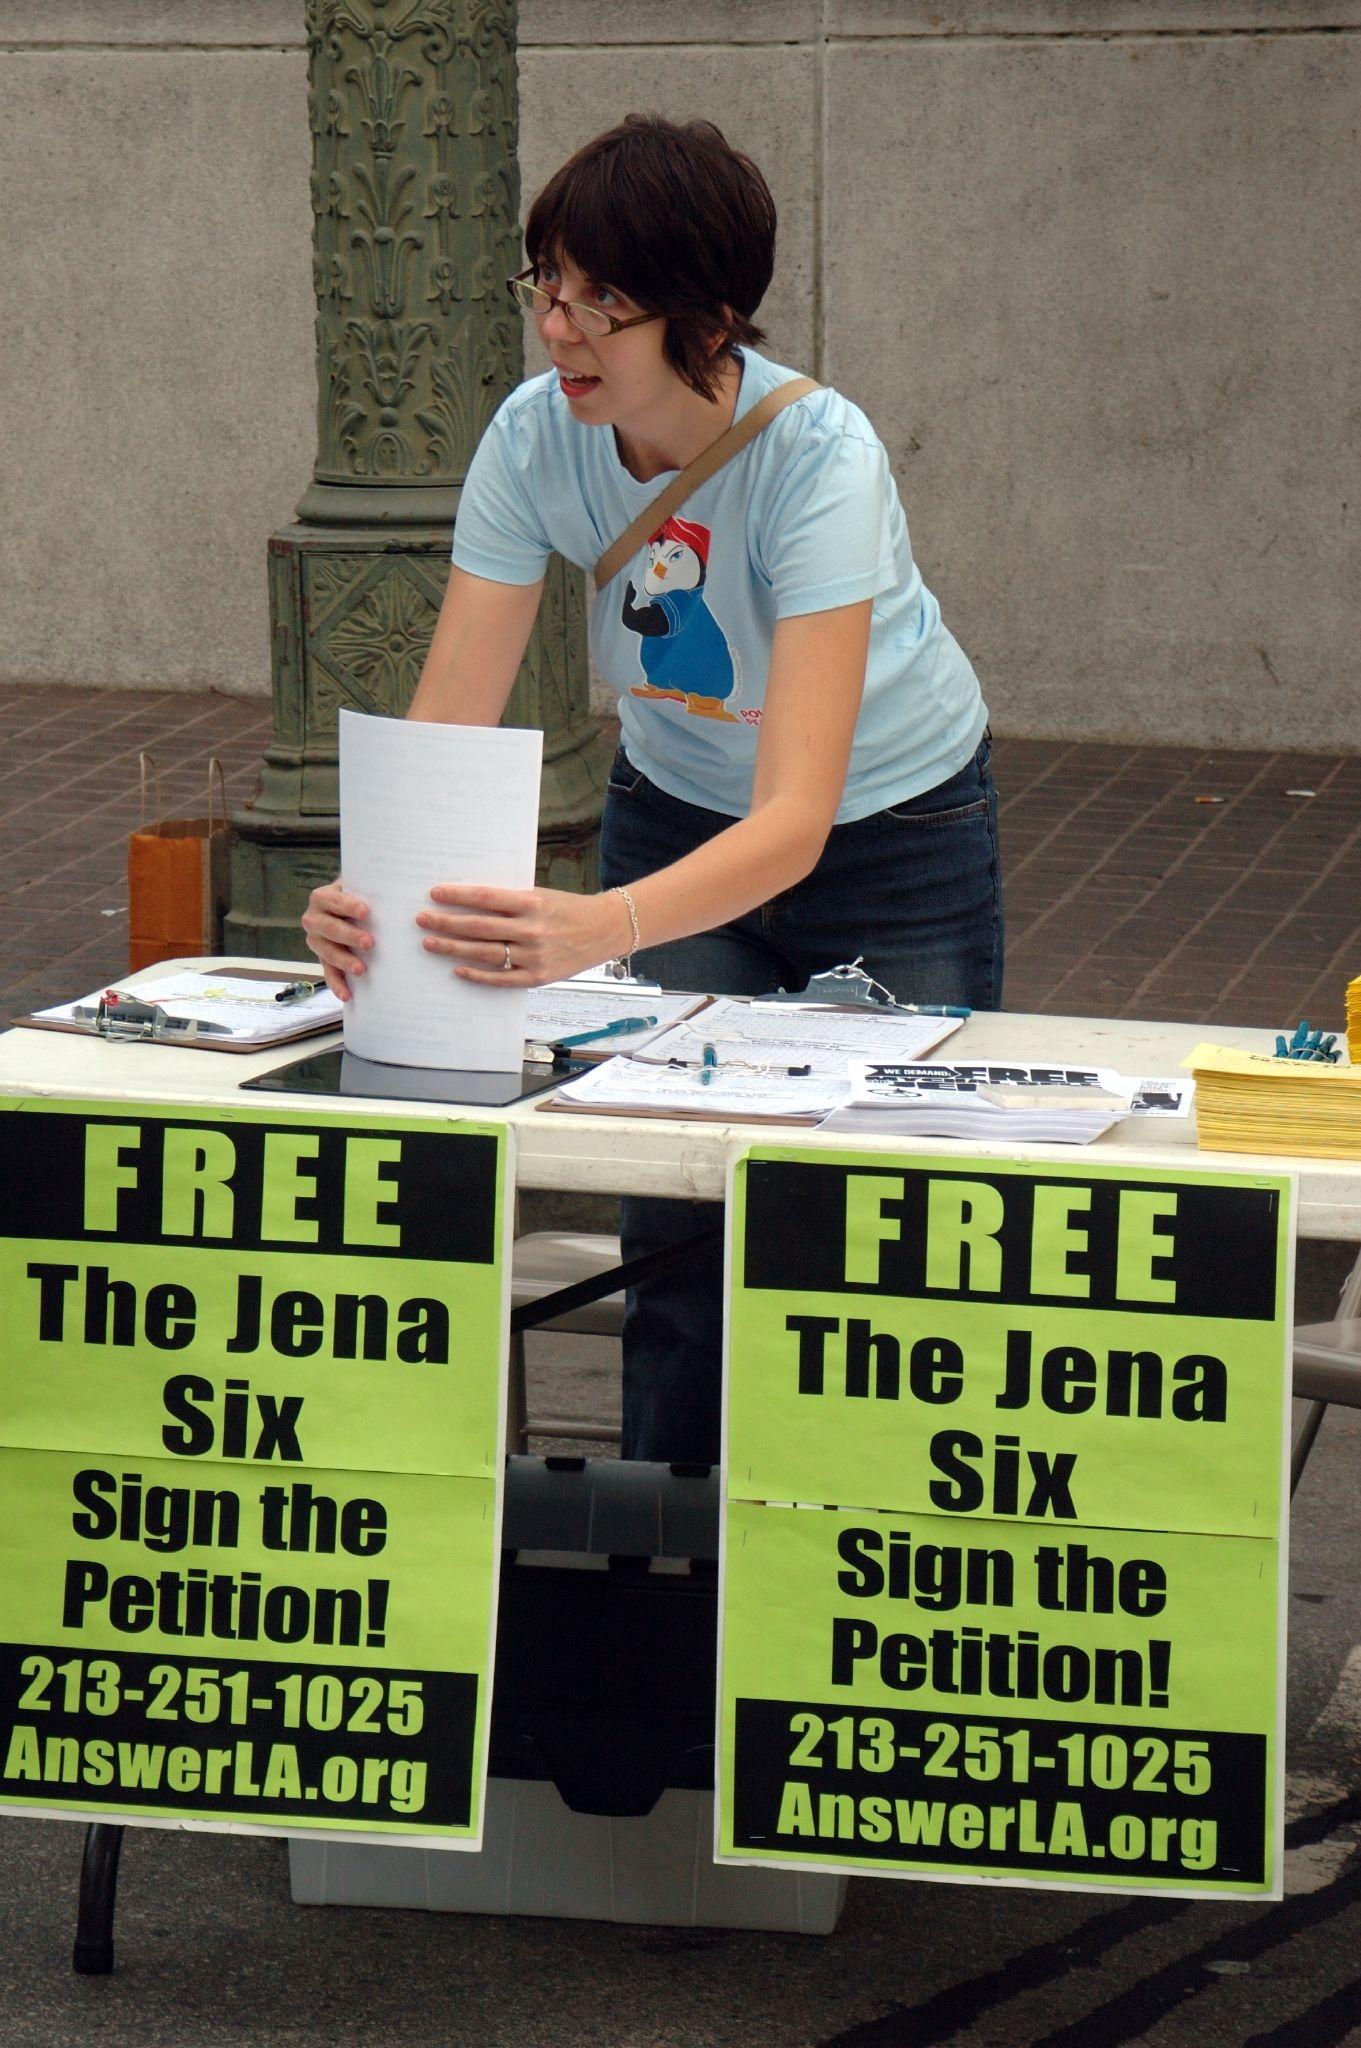 Как работают петиции на change.org - афиша daily